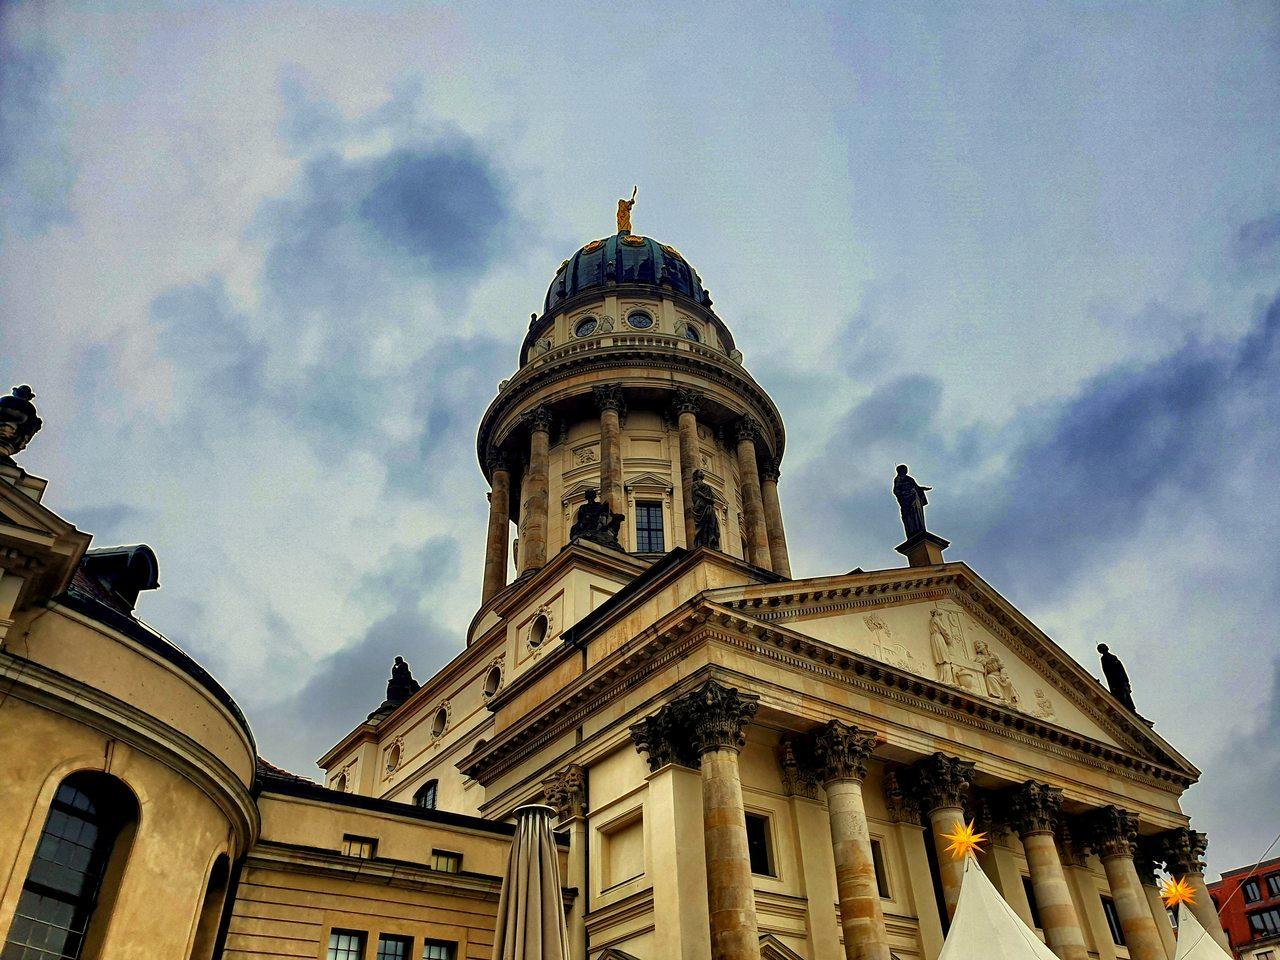 Katedra Francuska na Gendarmenmarkt w Berlinie.